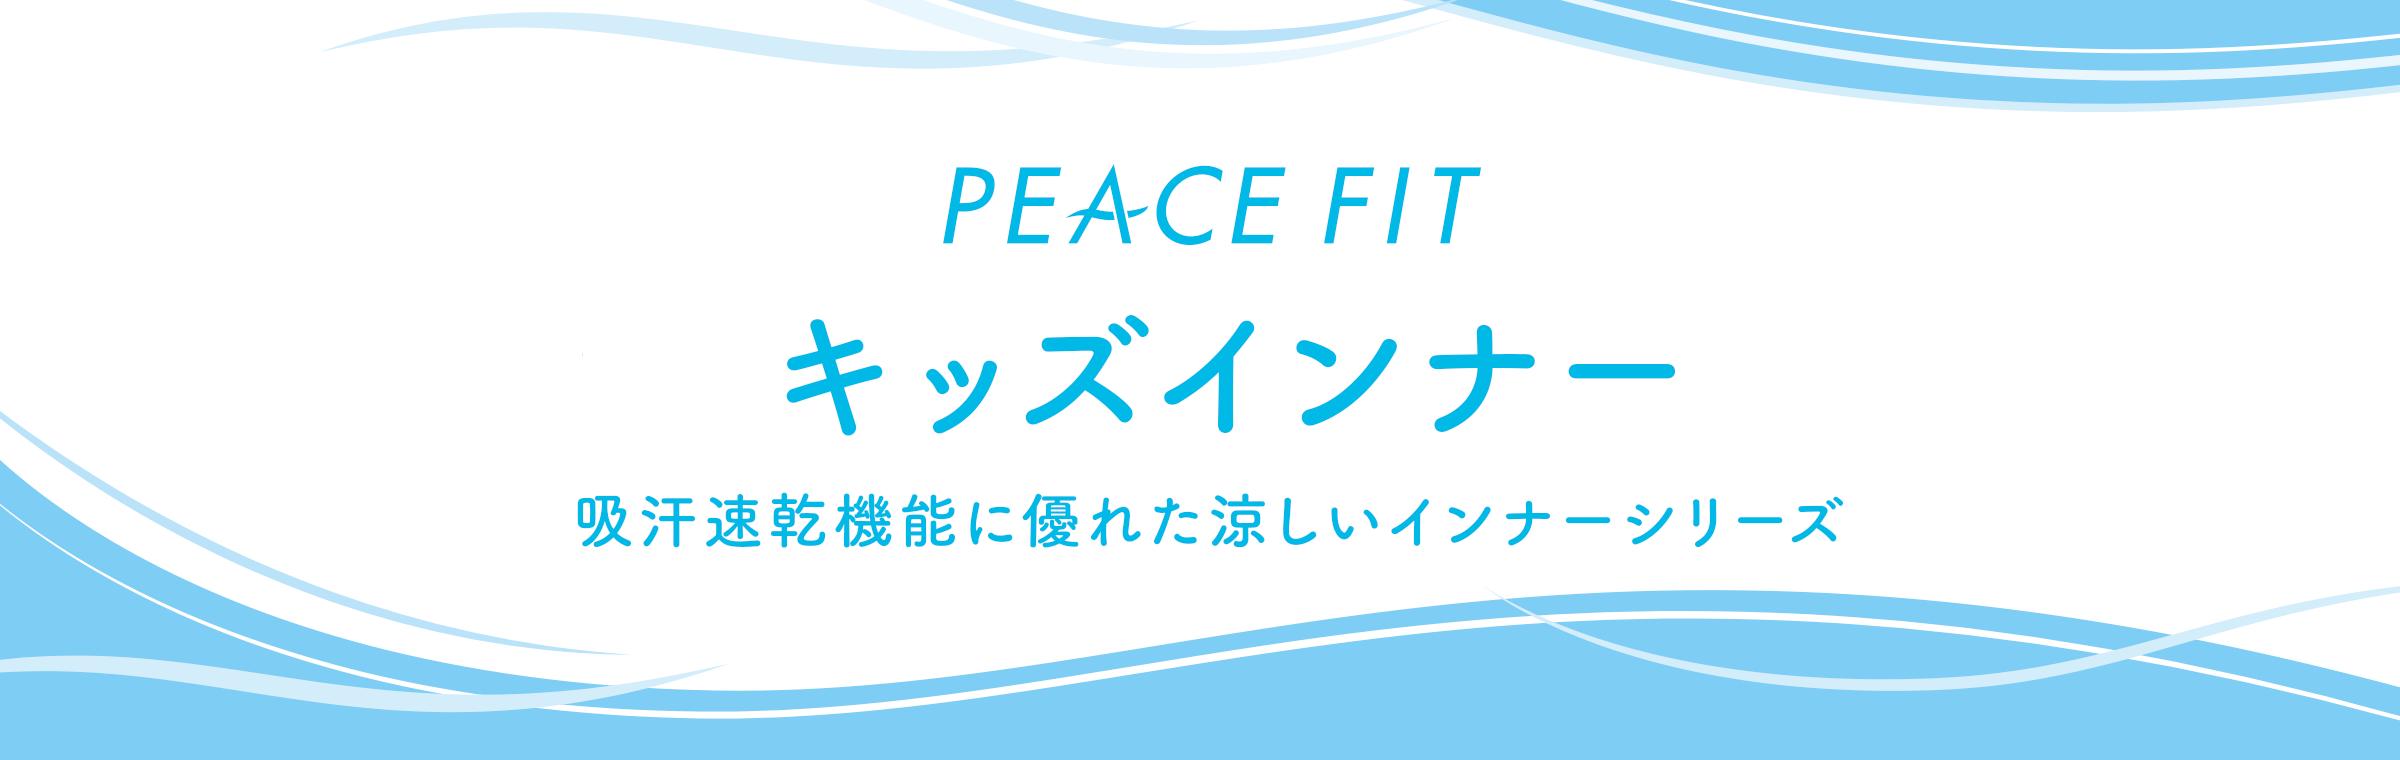 PEACE FIT 涼感キッズインナー 吸汗速乾機能に優れた涼しいインナーシリーズ